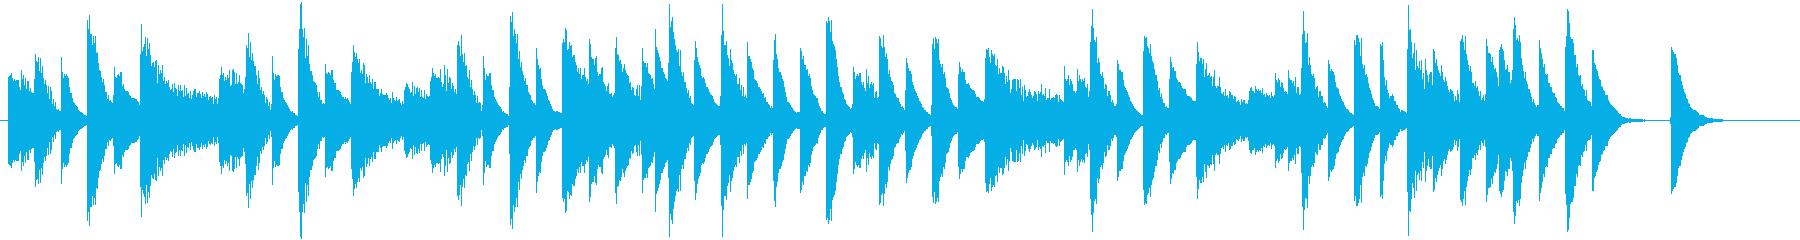 メロディが可愛く飛び回る春ピアノジングルの再生済みの波形